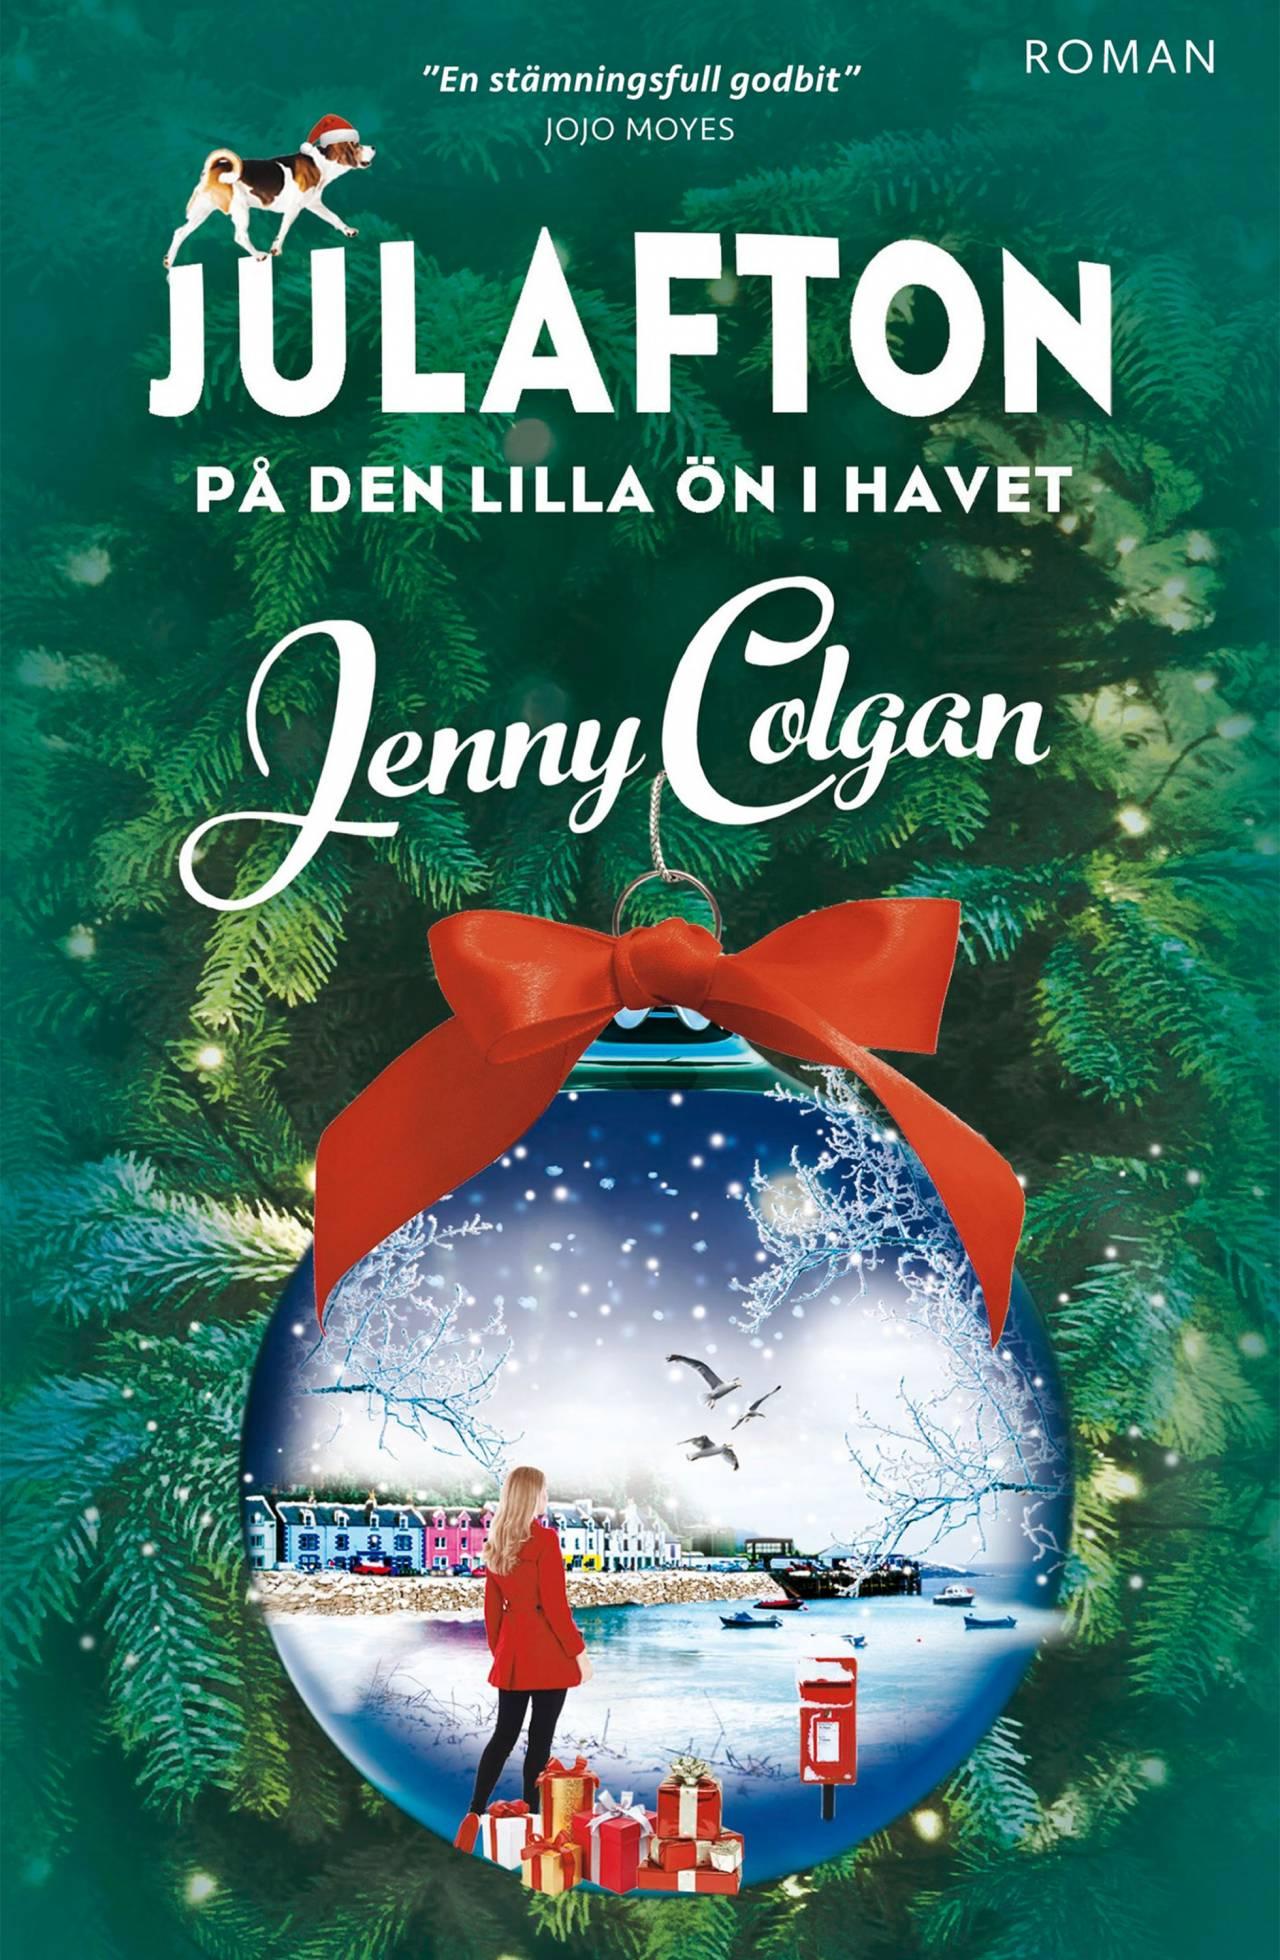 Bokomslag på Jenny Colgans senaste bok Julafton på den lilla ön i havet.